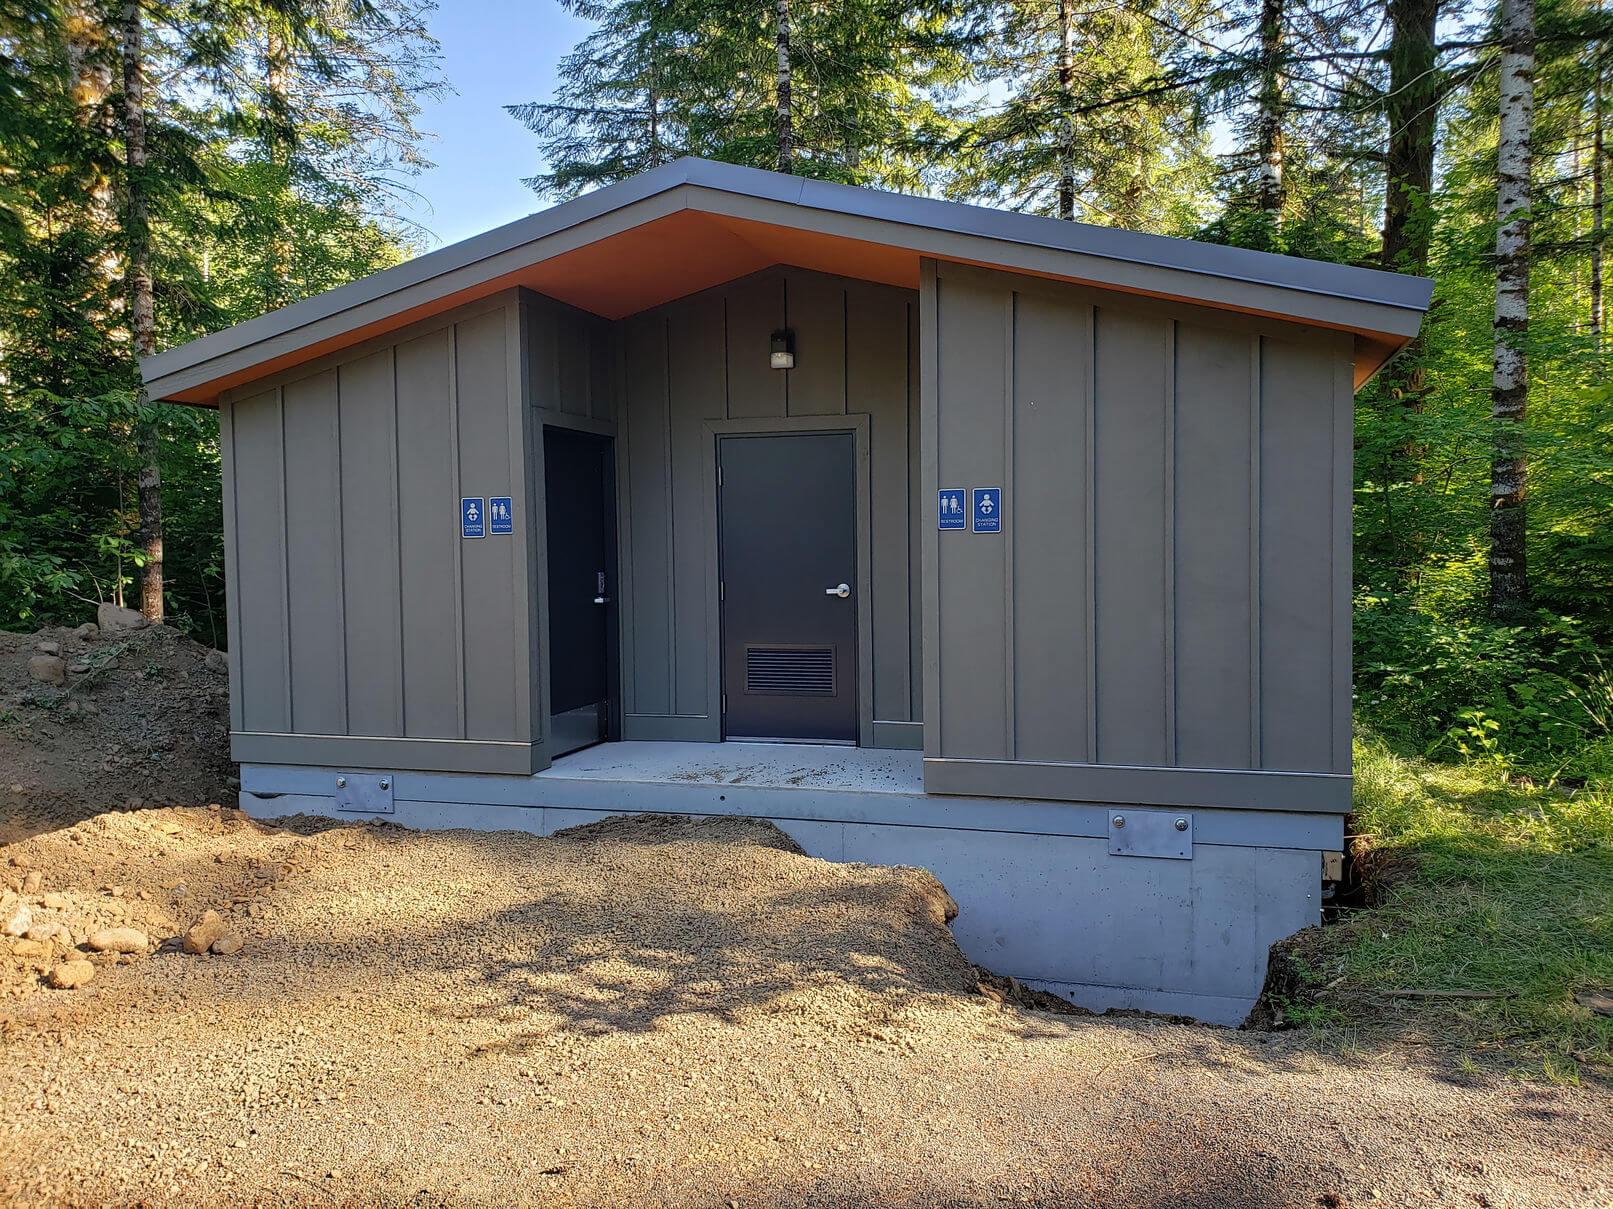 Tillamook Forestry Center, OR